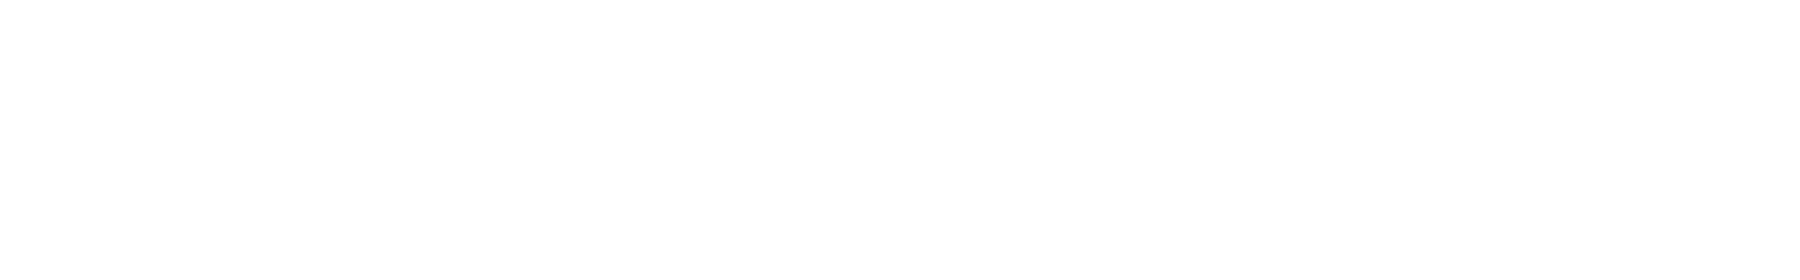 vfx1 atmos 64